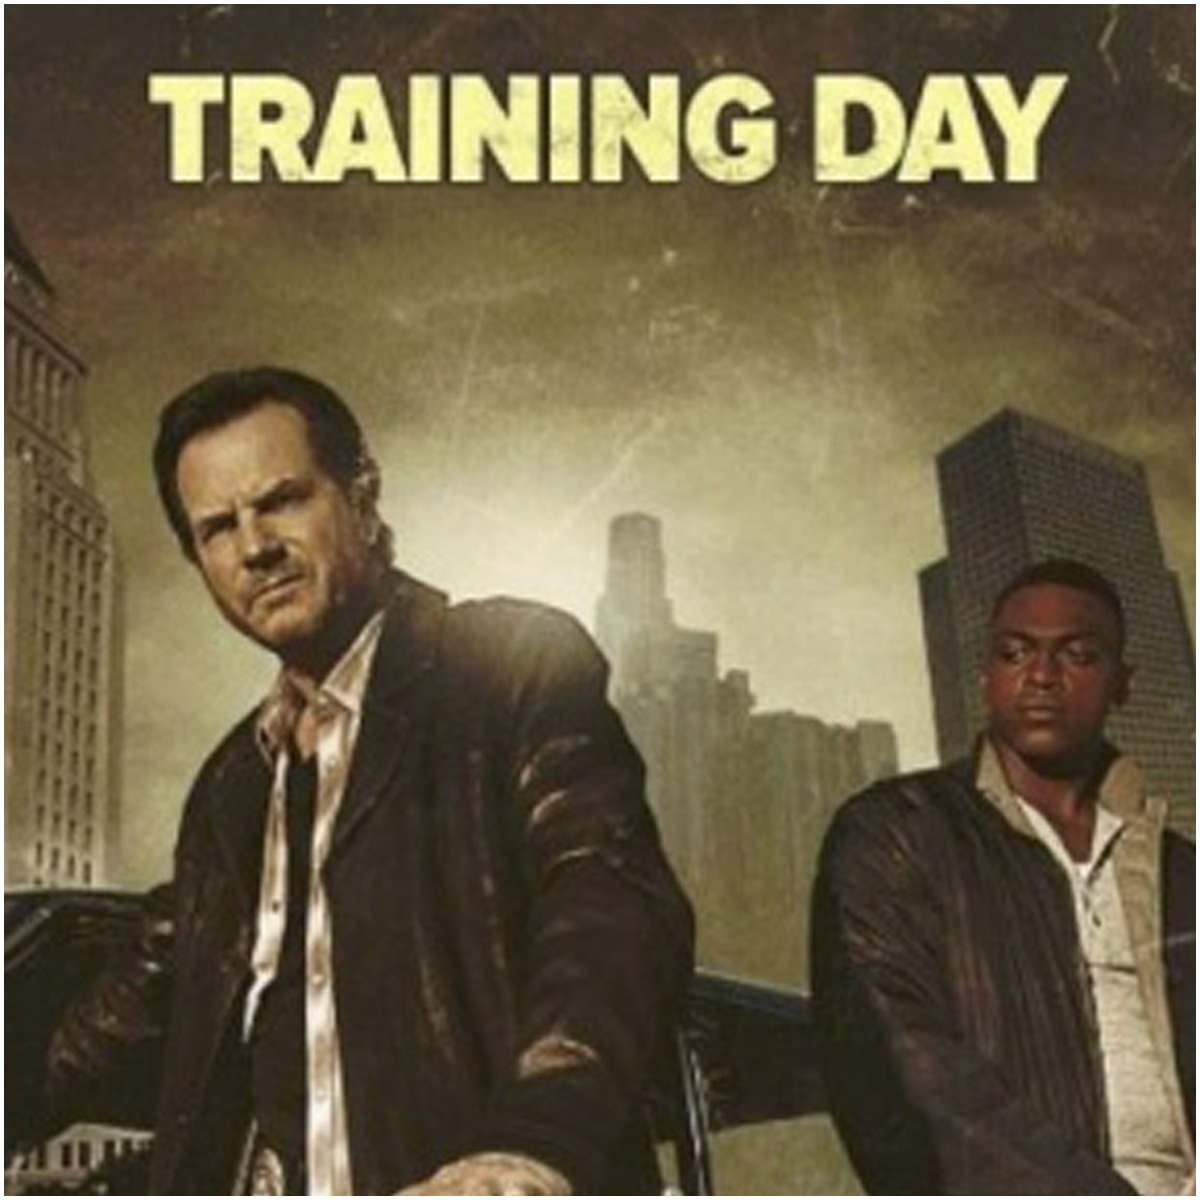 Training day_Thumb.jpg